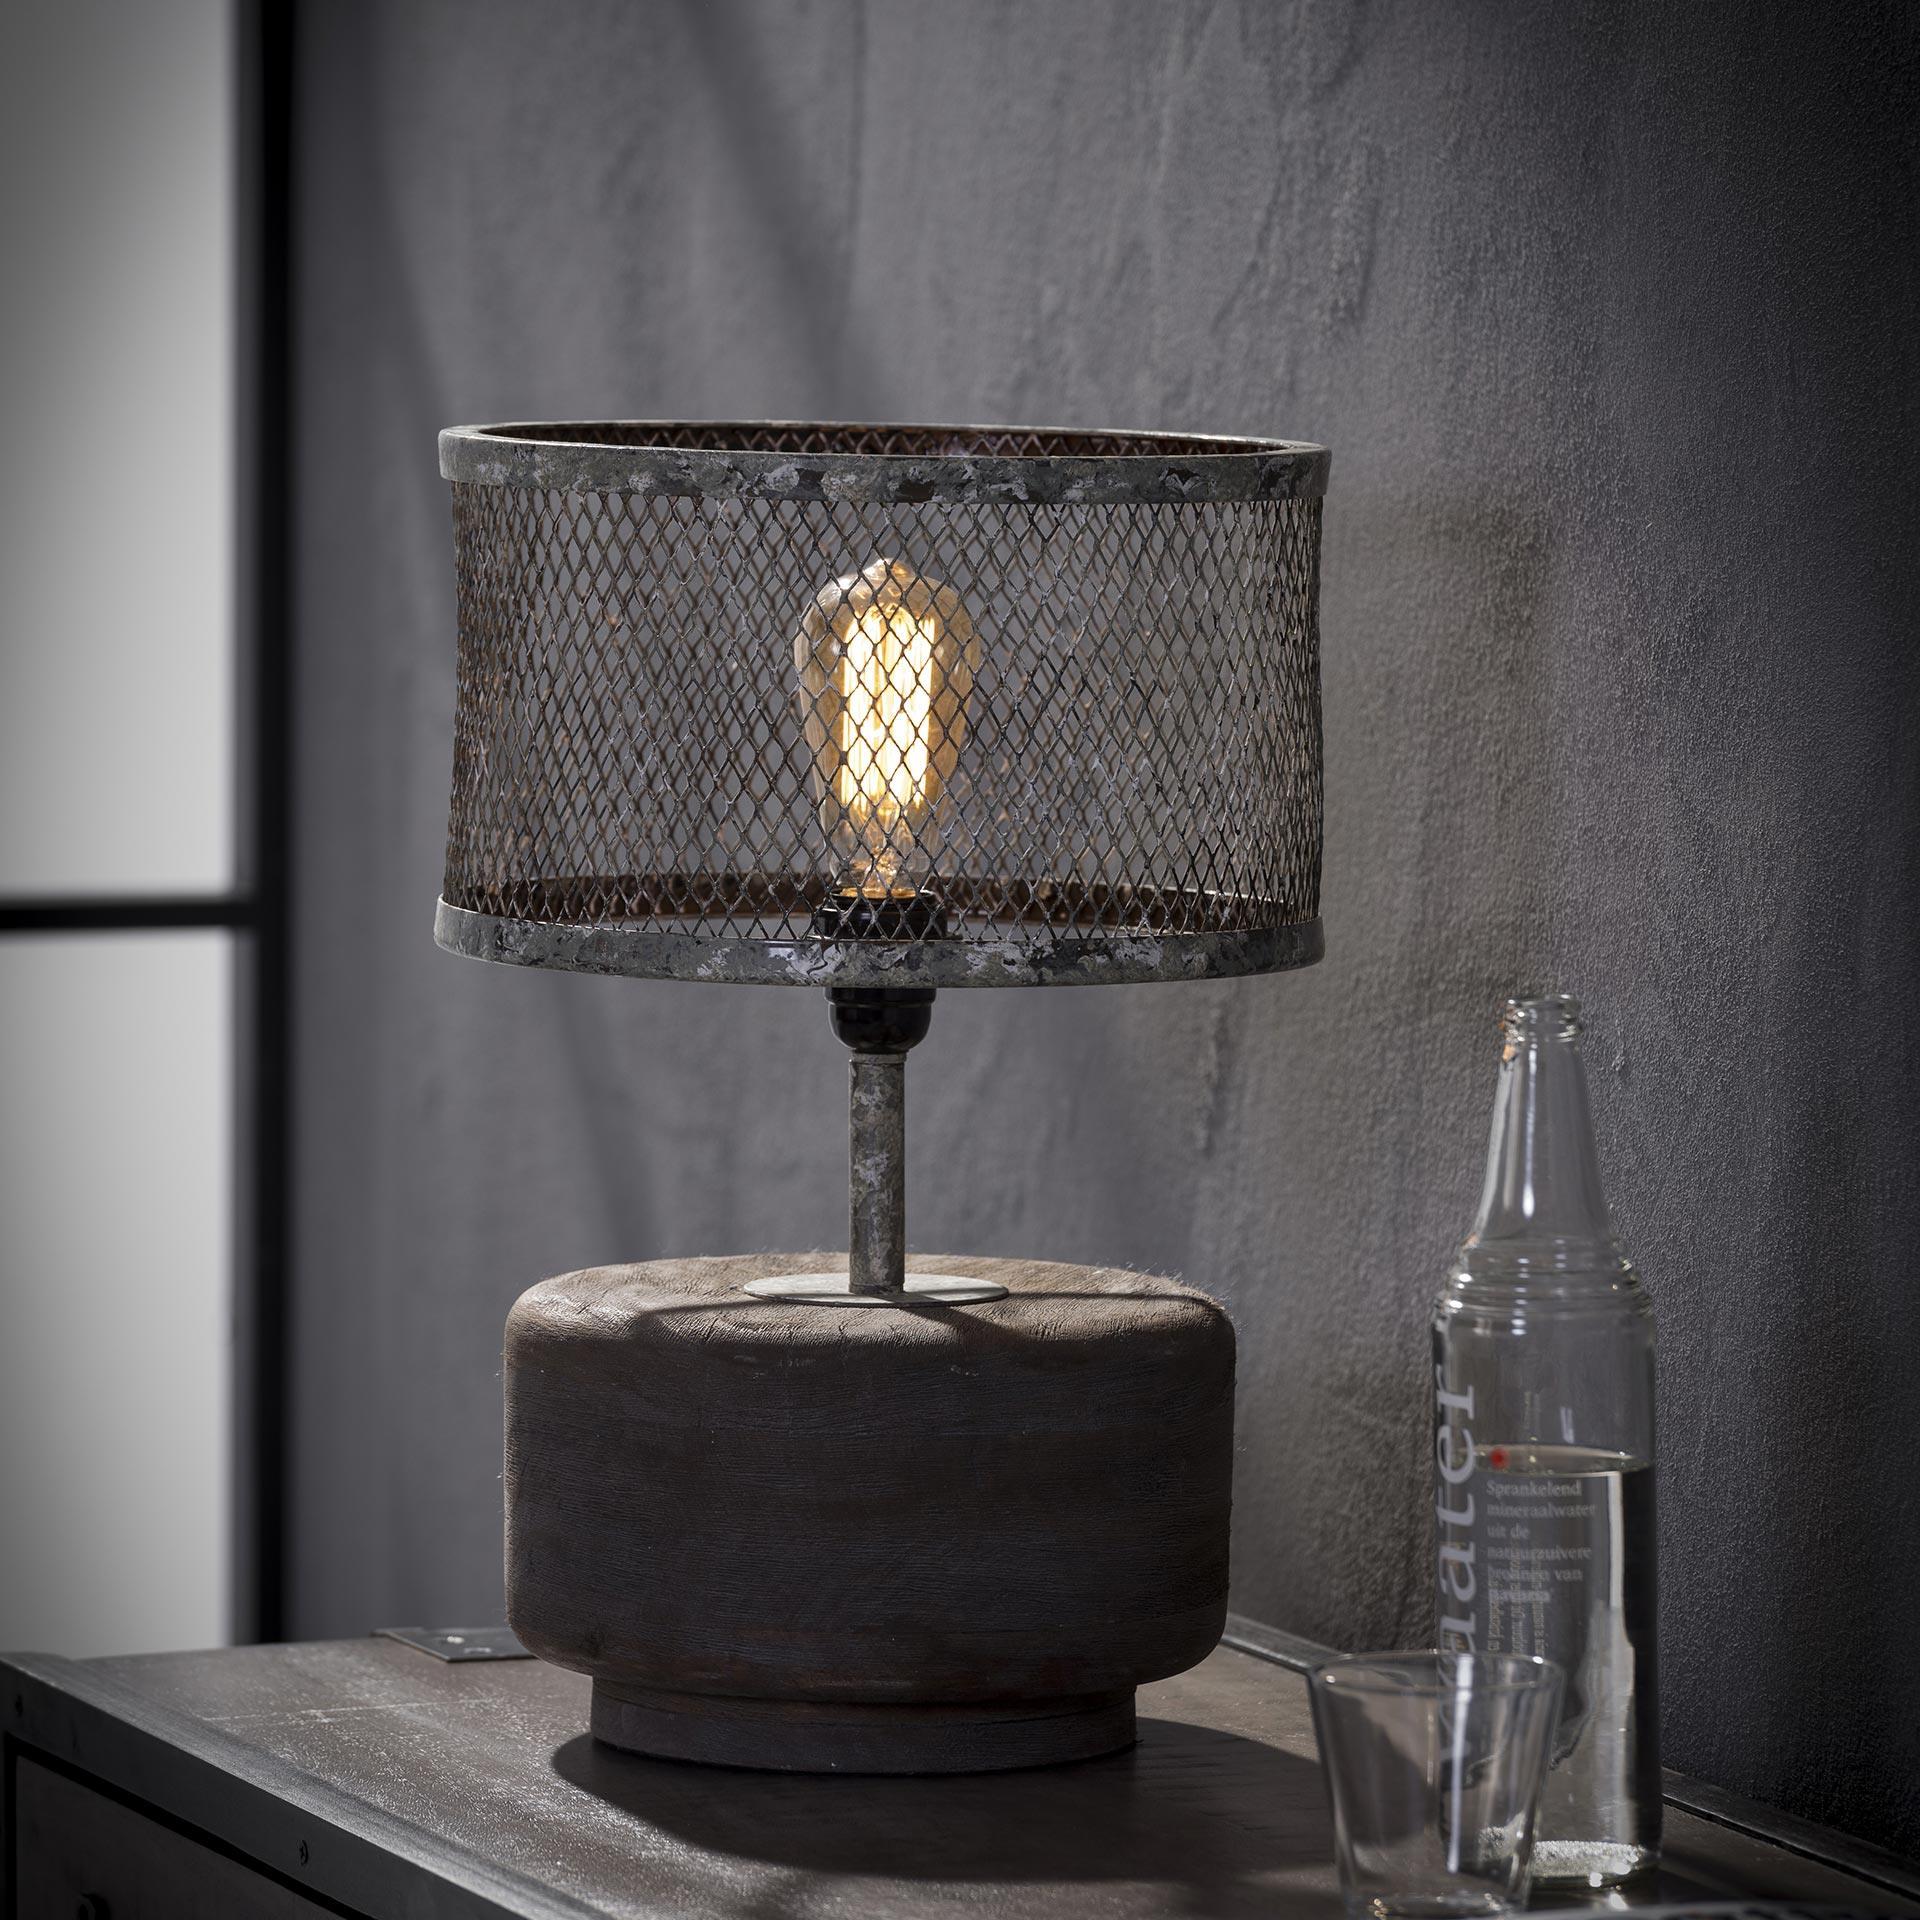 Tafellamp 'Lizzy' met ronde voet en kap van verweerd metaal Verlichting